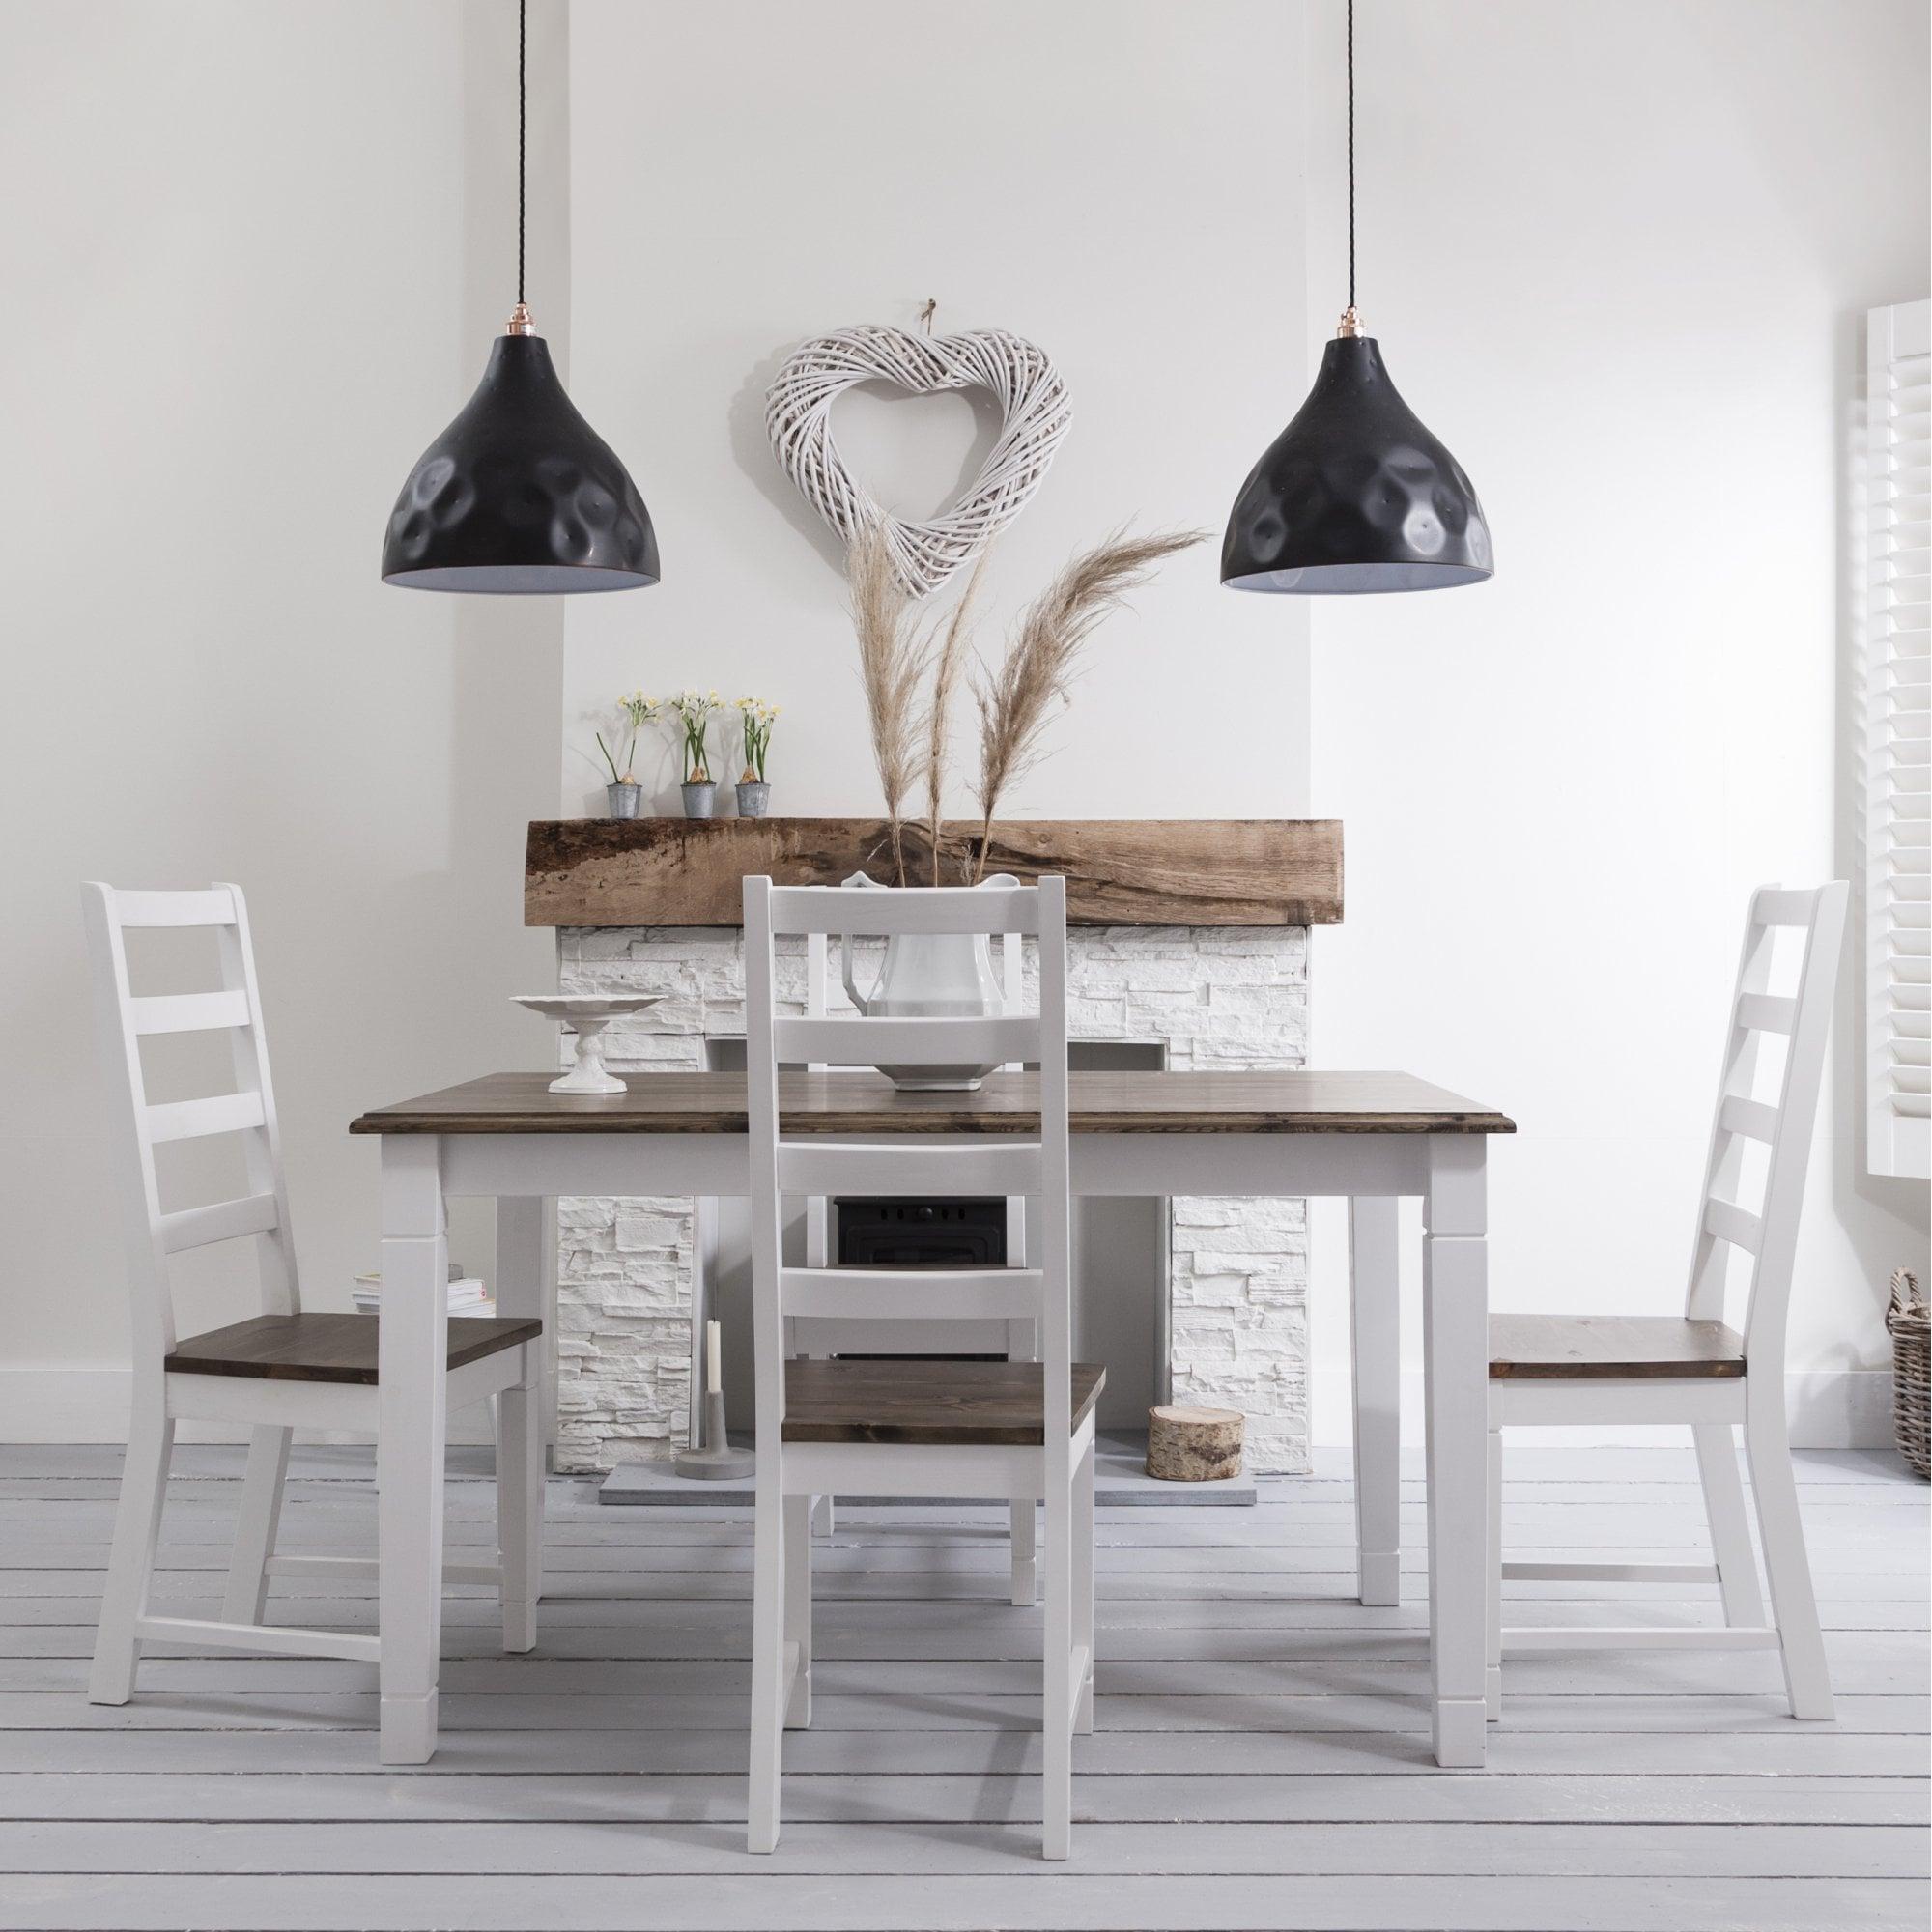 4 Chairs Canterbury White and Dark Pine